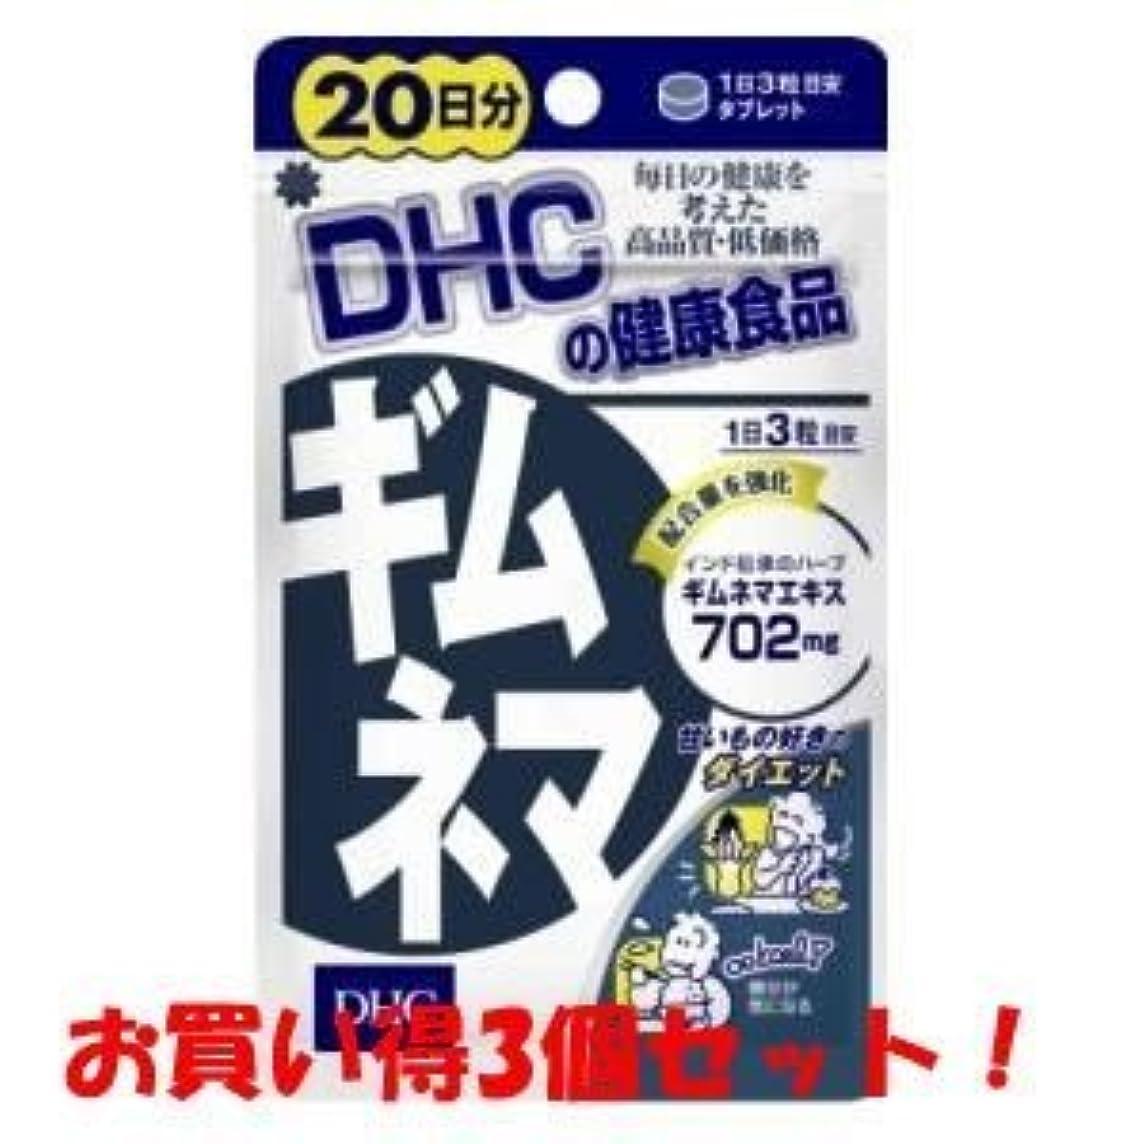 包囲過剰音声DHC ギムネマ 20日分 60粒(お買い得3個セット)